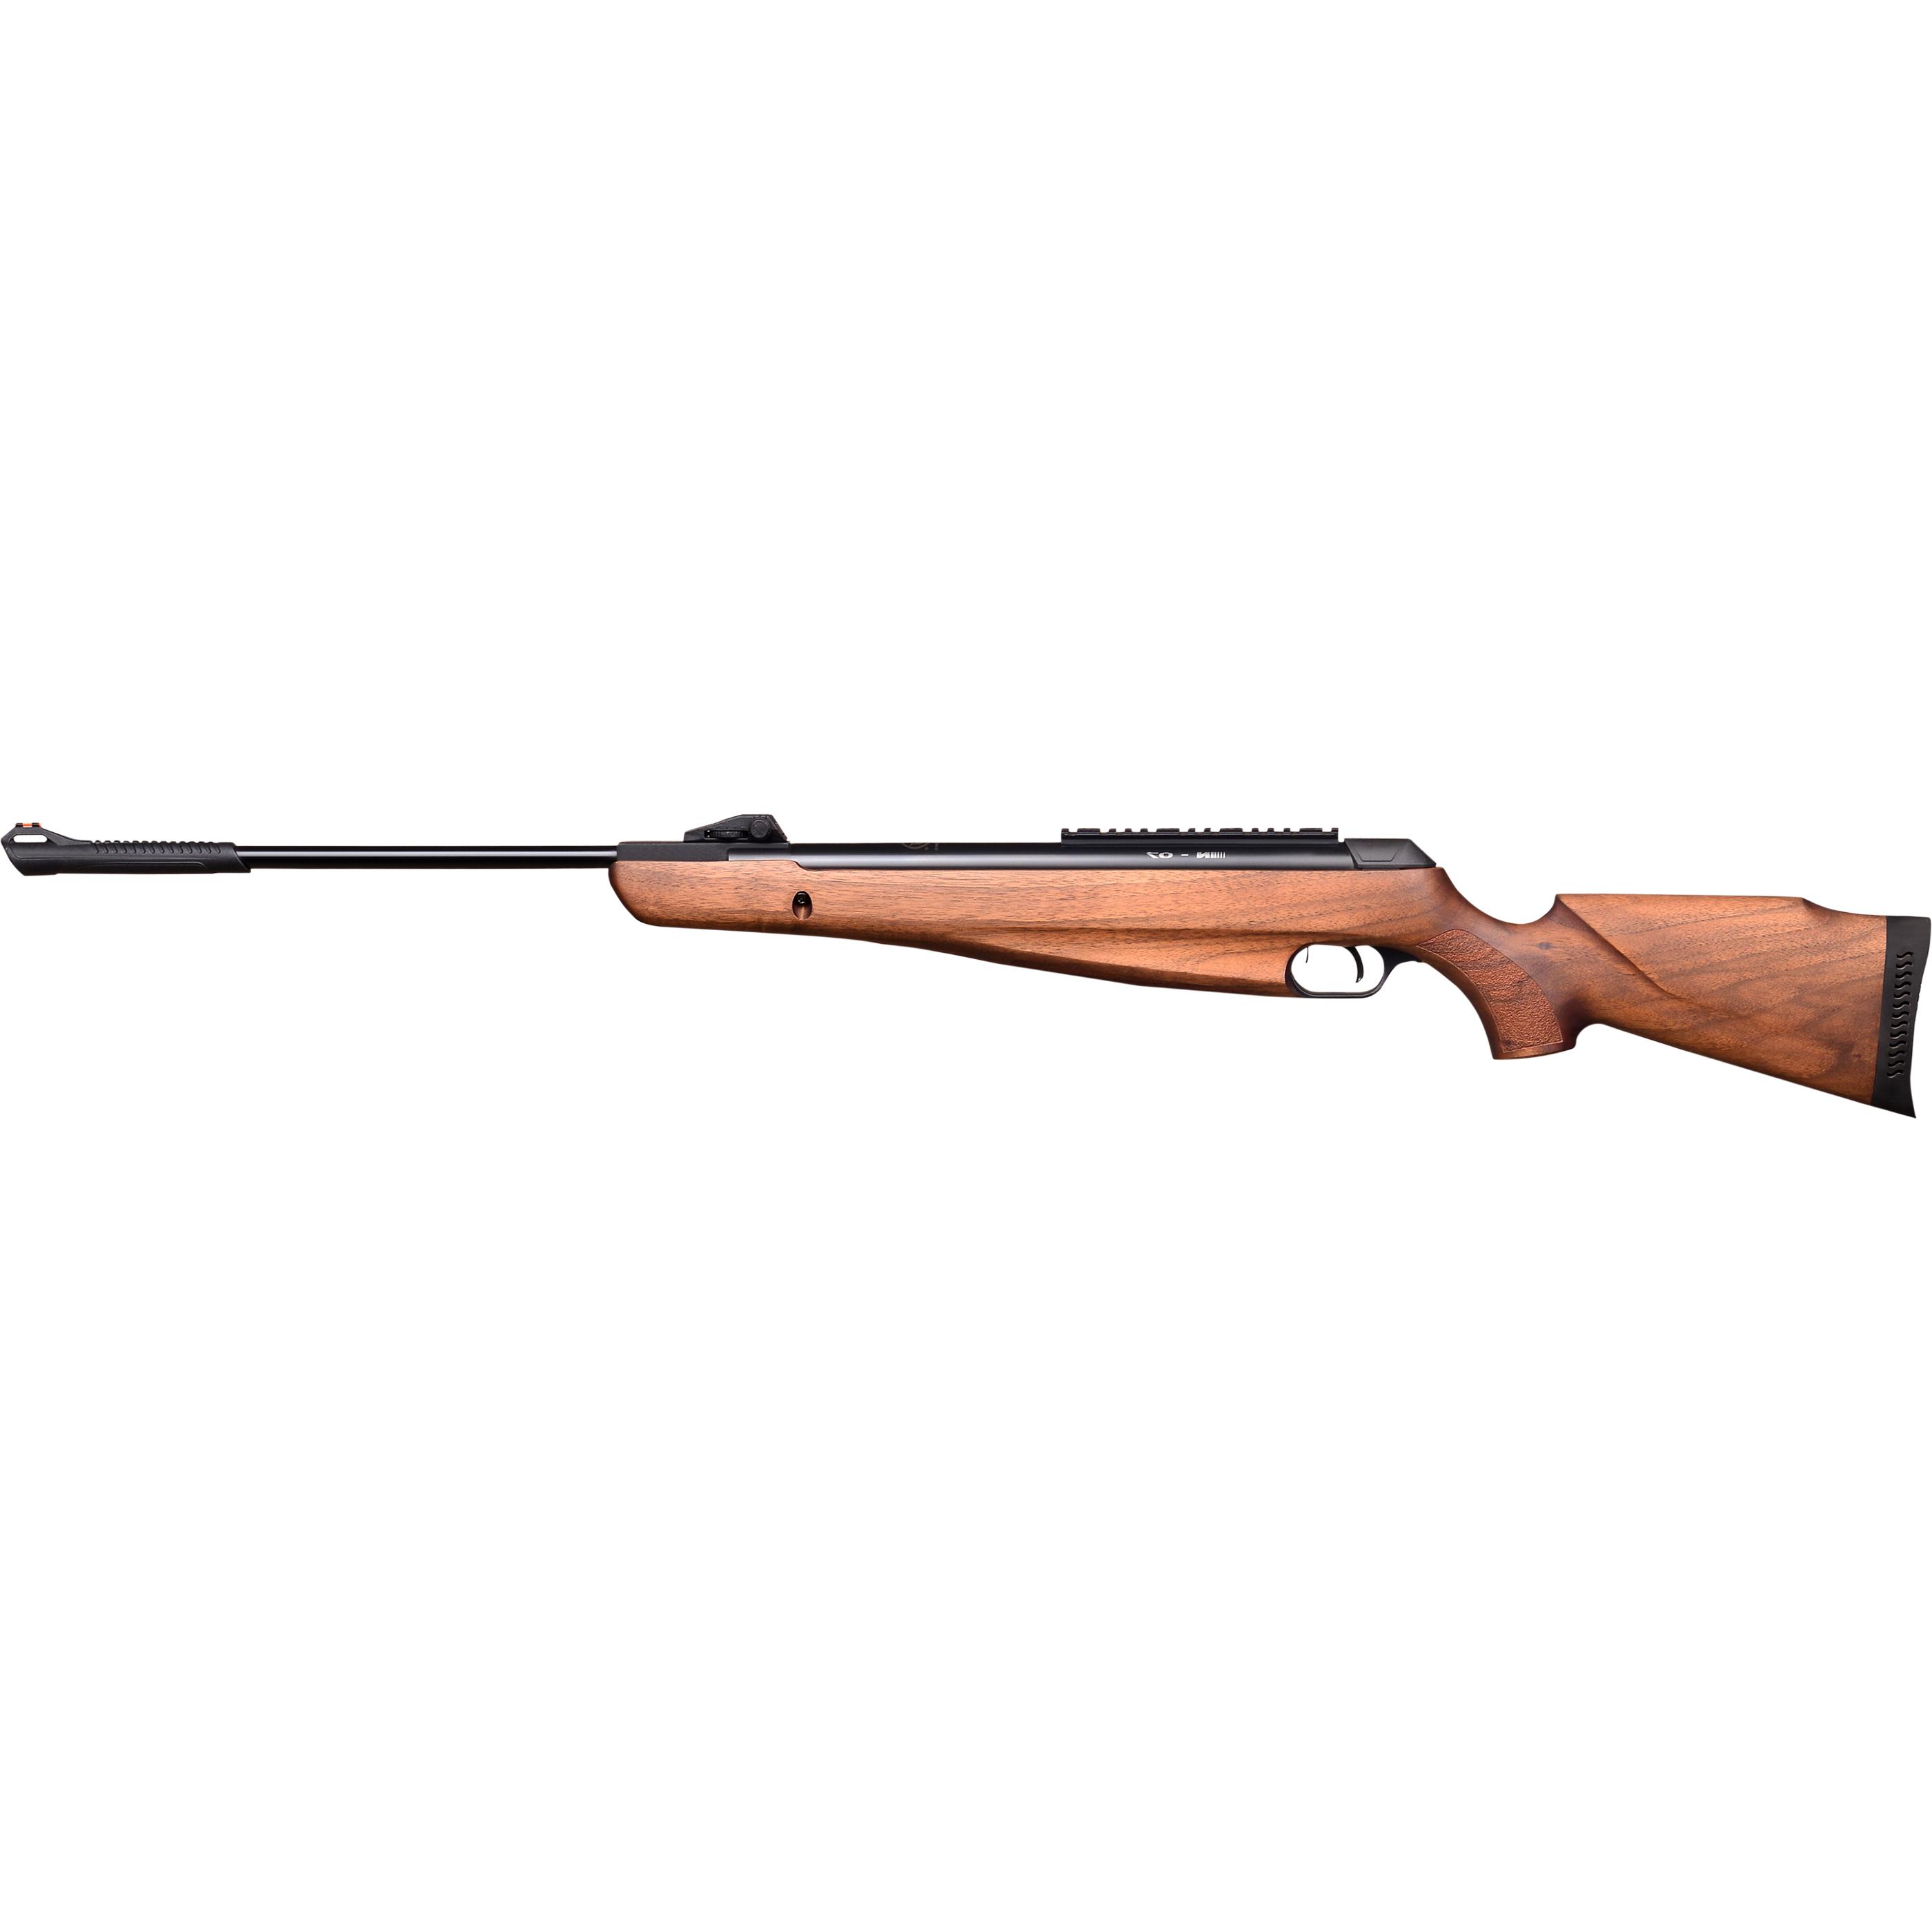 Air Rifles Cal. 6.35mm.